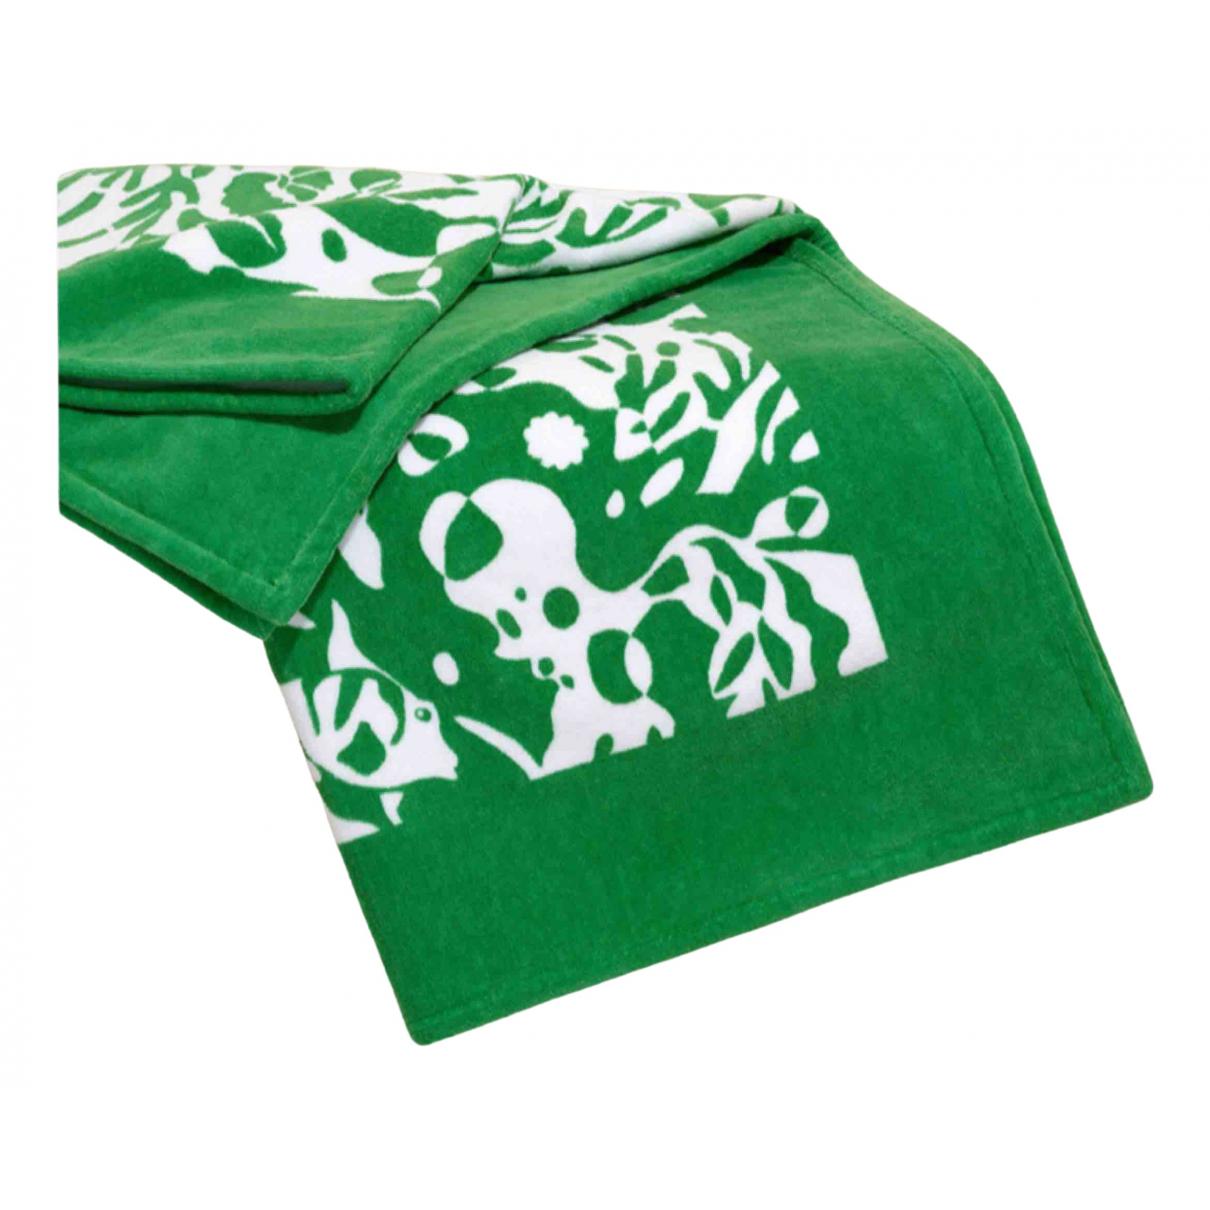 Eres - Linge de maison   pour lifestyle en coton - vert